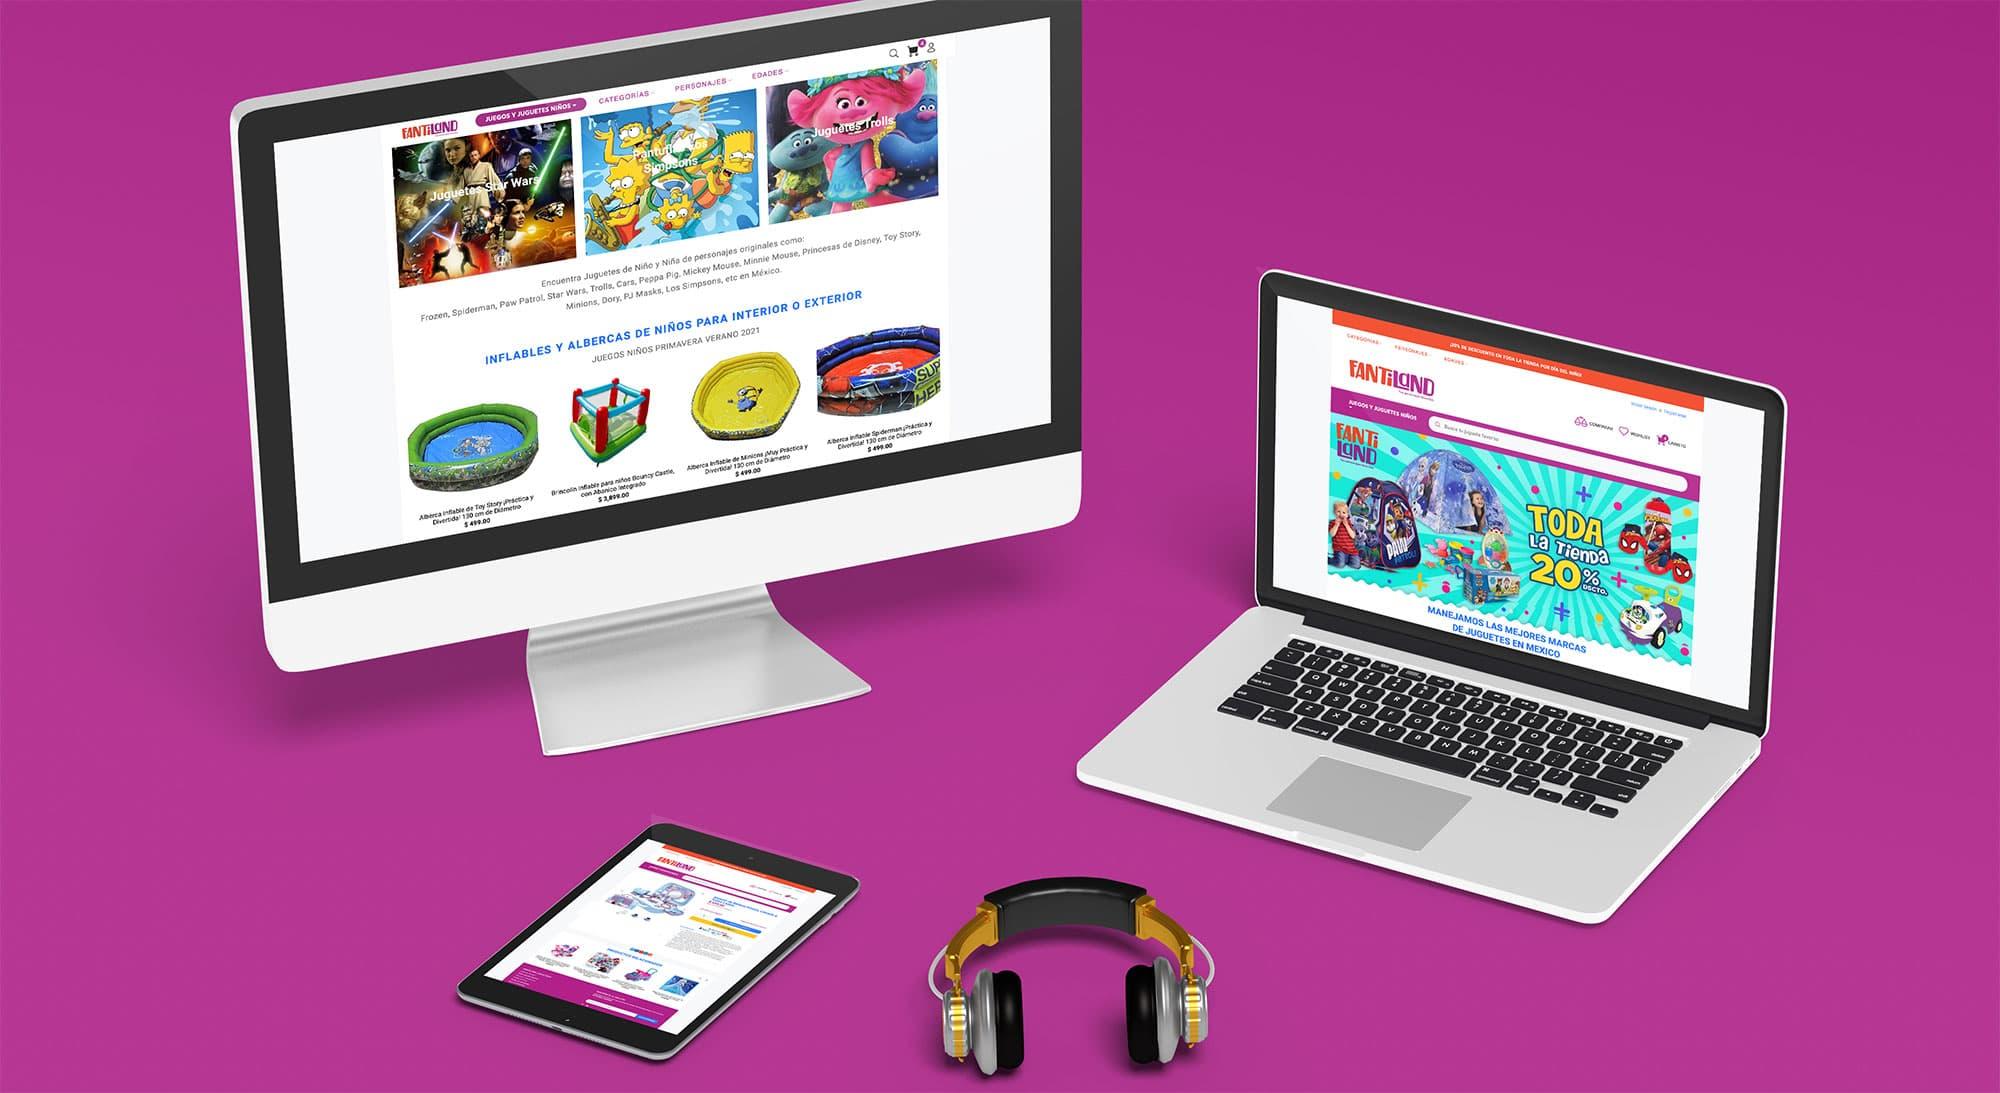 Diseño Desarrollo Tienda Online, Diseño de e-Commerce para tienda de juguetes en San Pedro Garza Garcia, Nuevo Leon, Agencia Creativa Lilian Feres